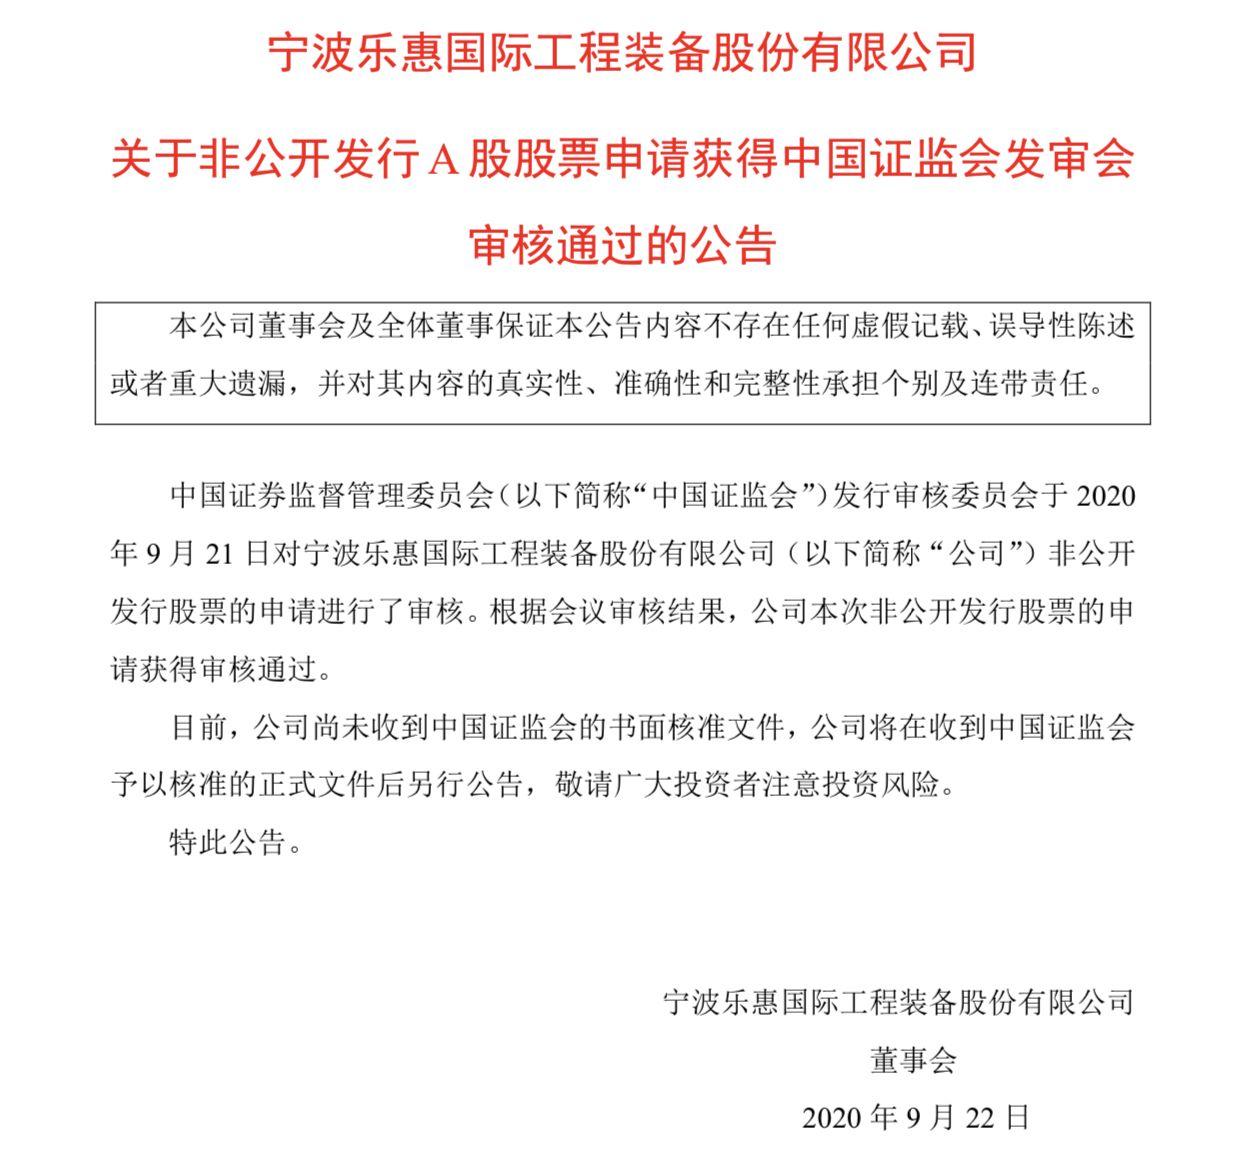 募资发力精酿,乐惠国际非公开发行股票申请获审核通过图片